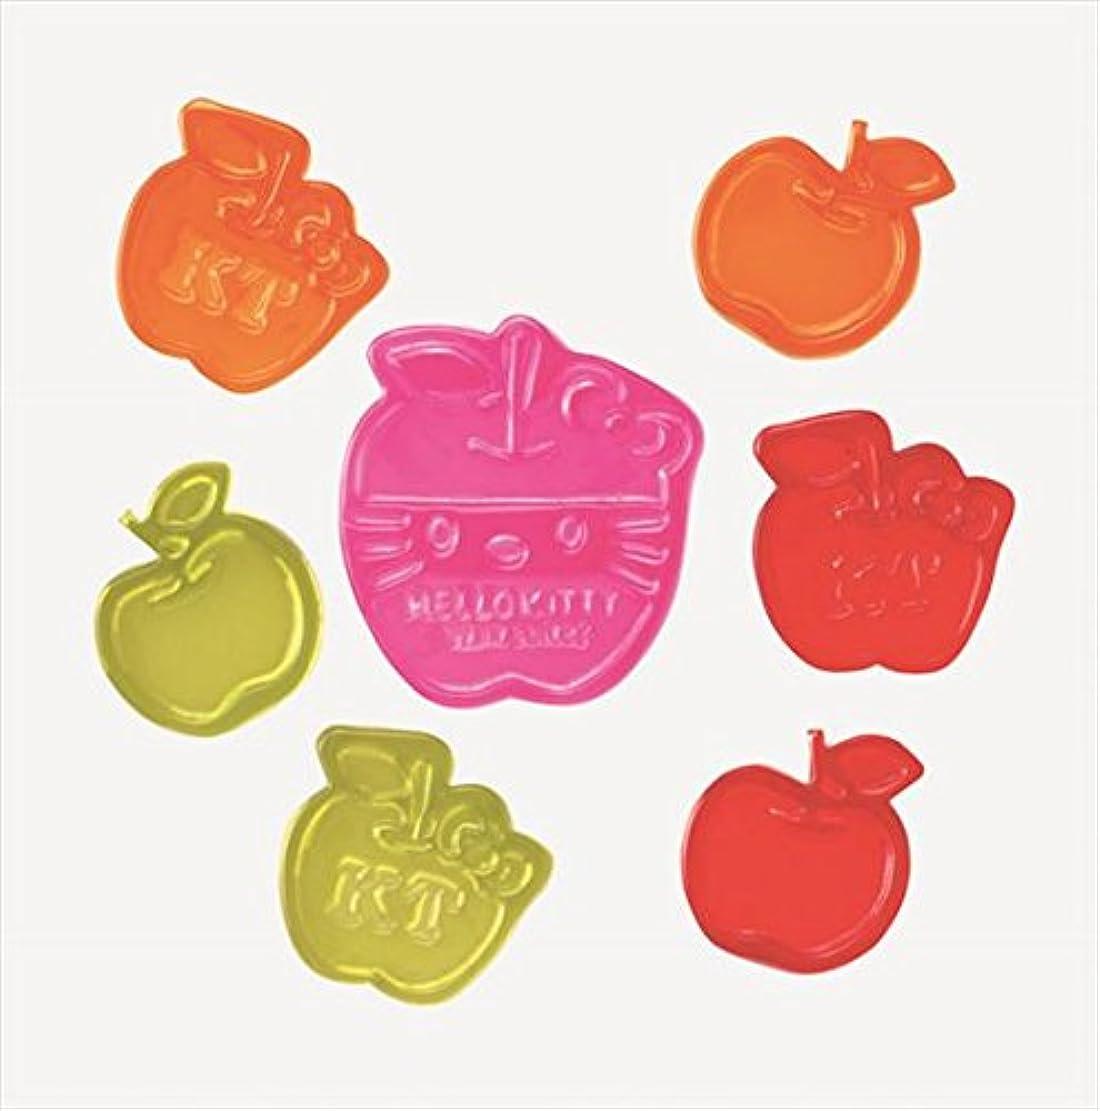 アシスト食料品店抑制するジェルジェム( GelGems ) ジェルジェムハローキティバッグS 「 リンゴフェイス 」 E1200001